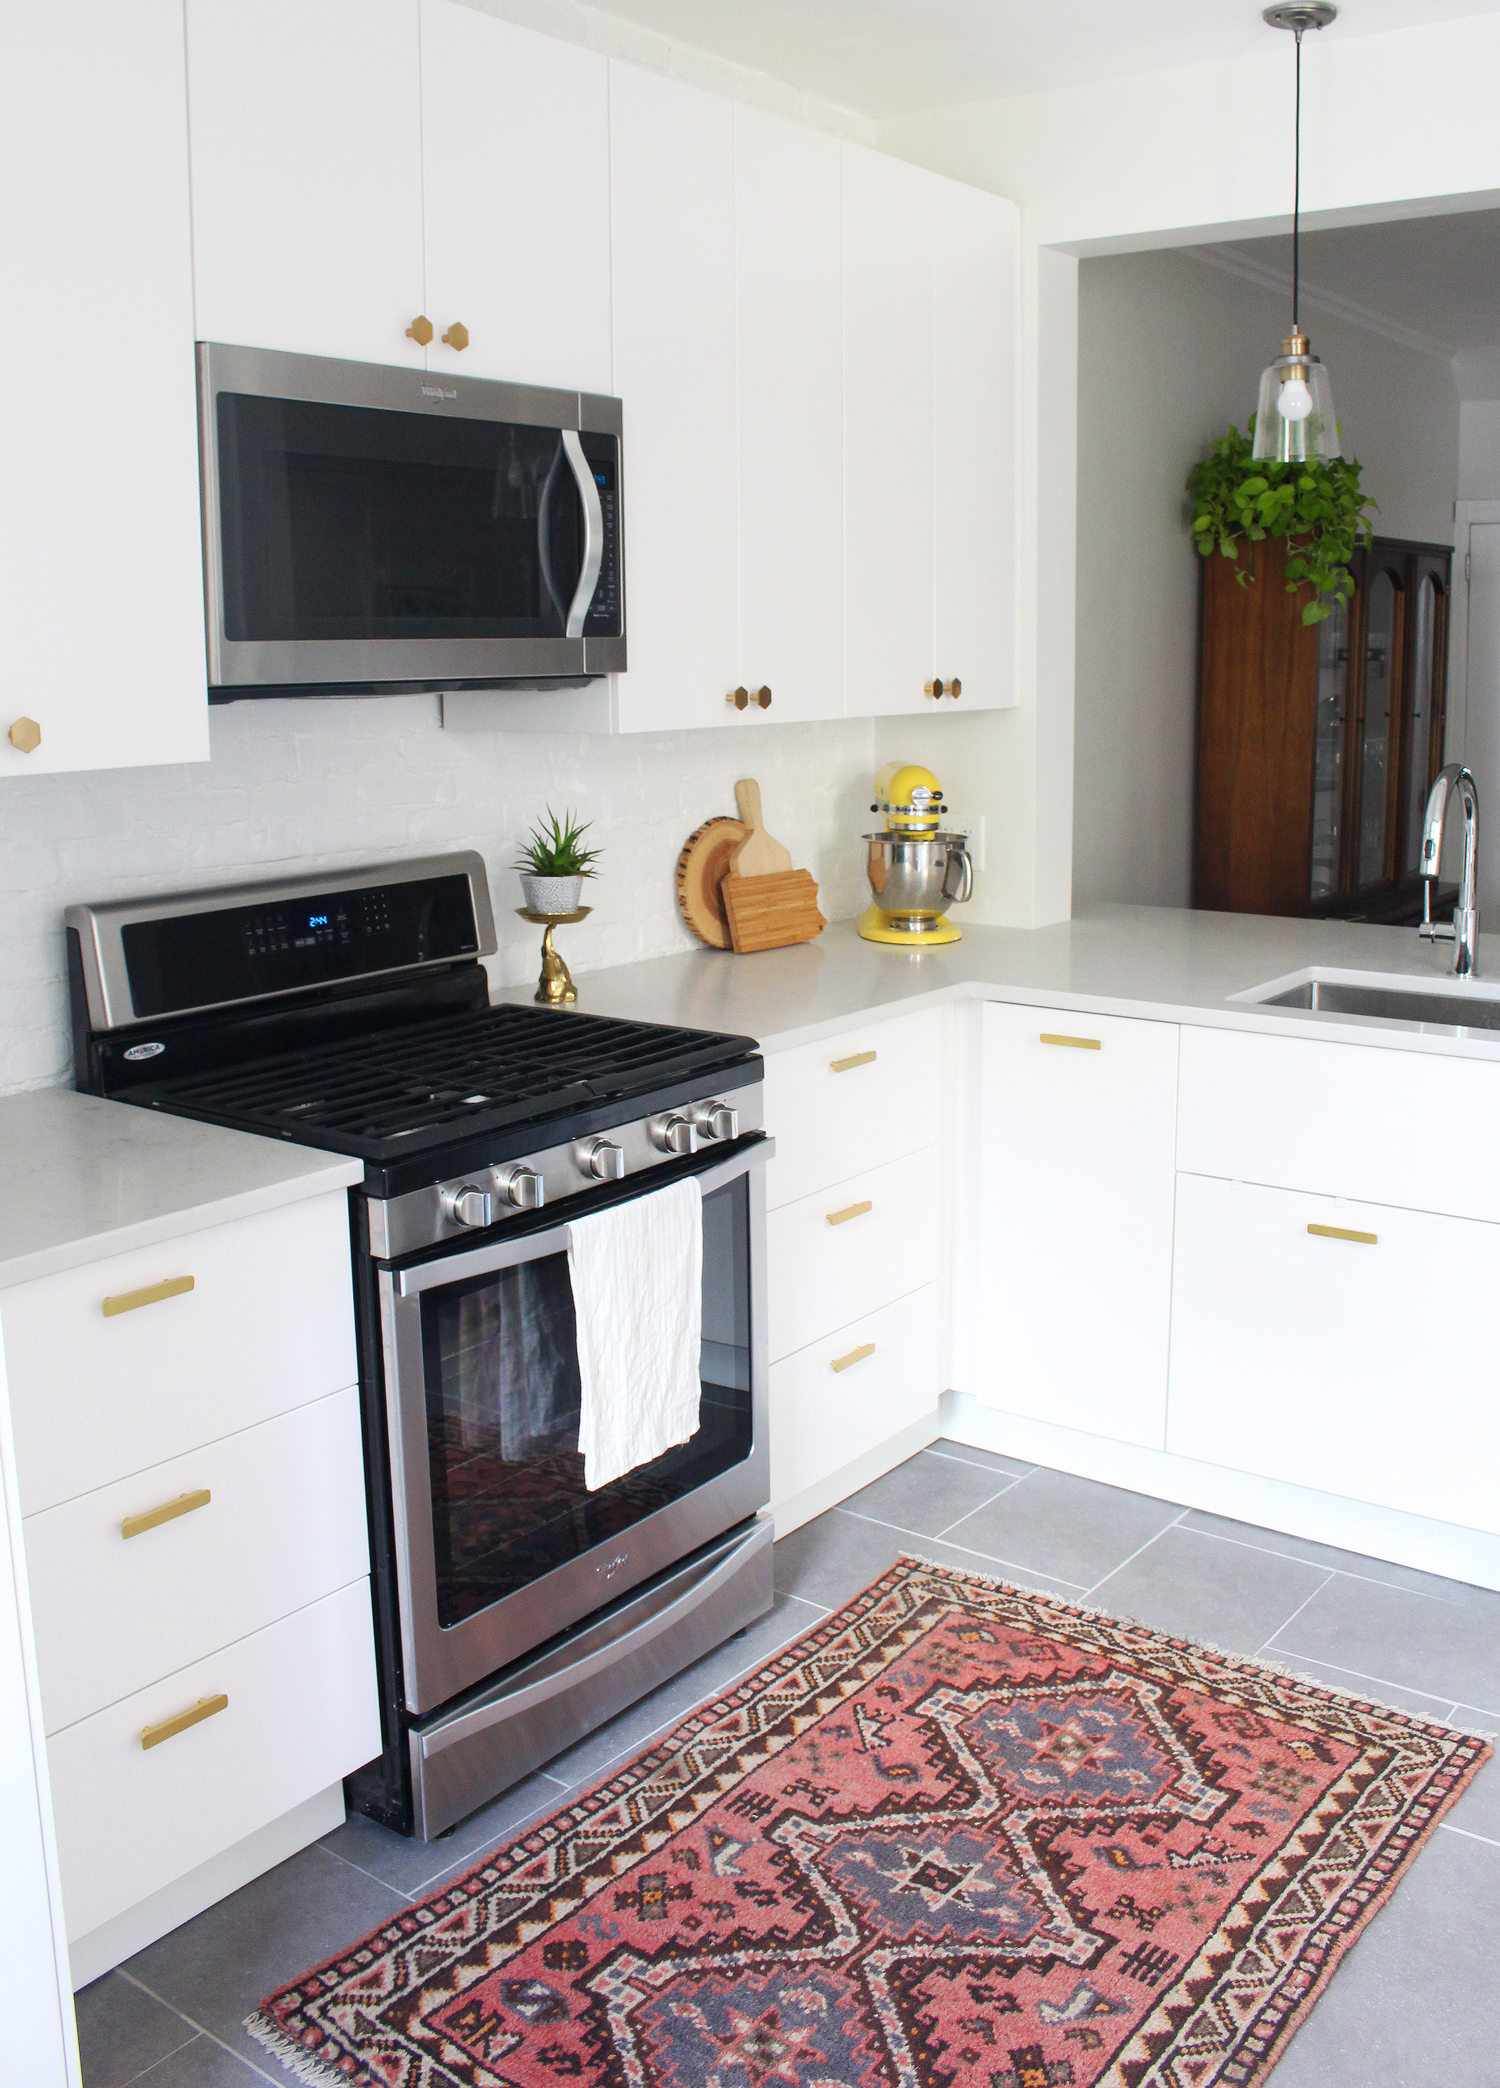 Small, modern IKEA kitchen (Veddinge)